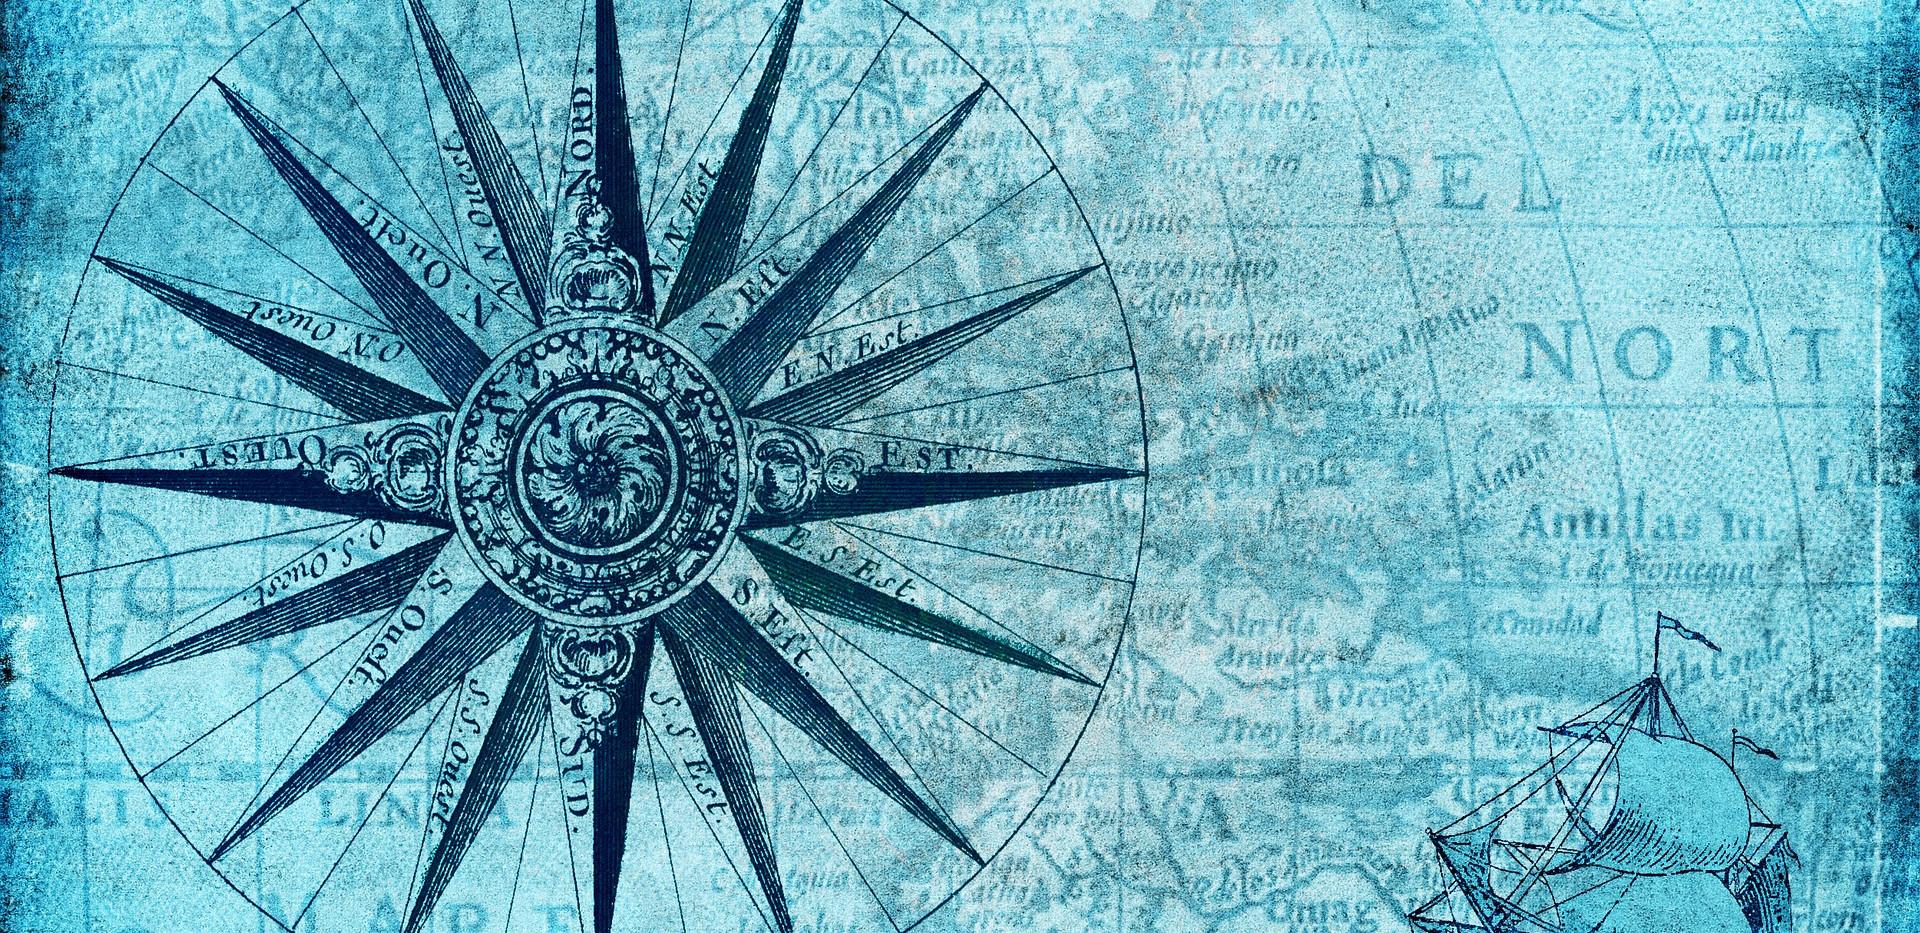 compass-3708997_1920.jpg